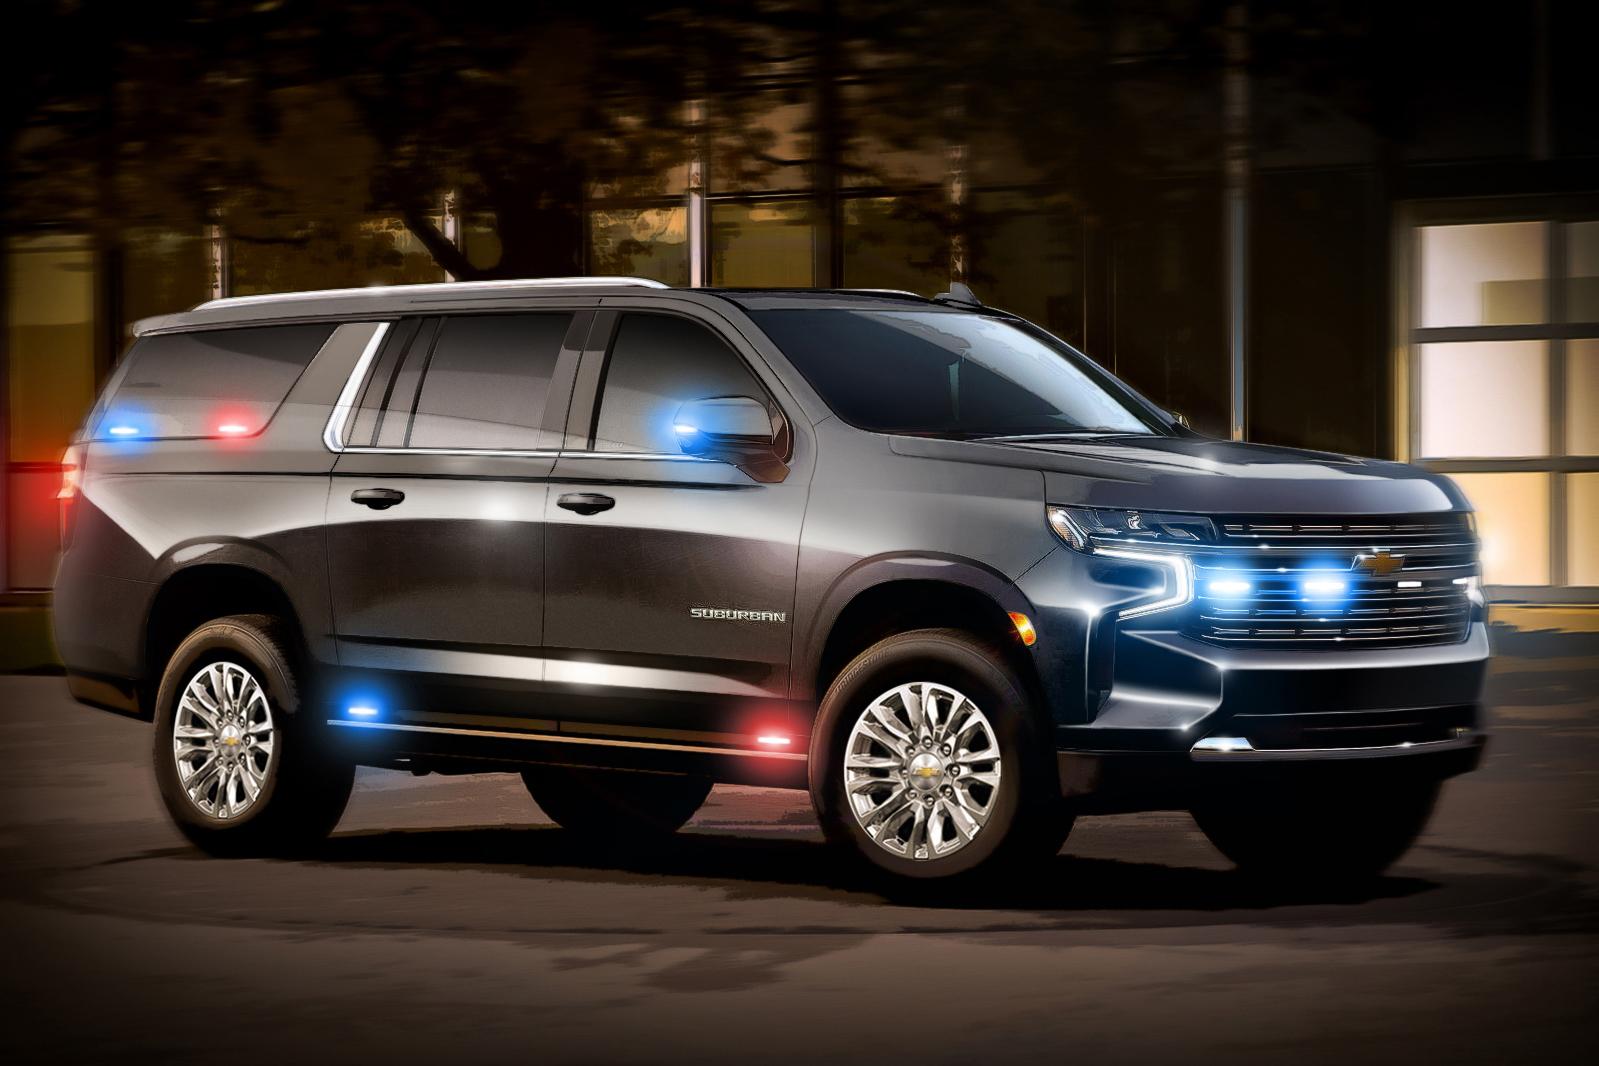 Governo dos EUA vai pagar R$ 19 milhões por Chevrolet Suburban reforçado